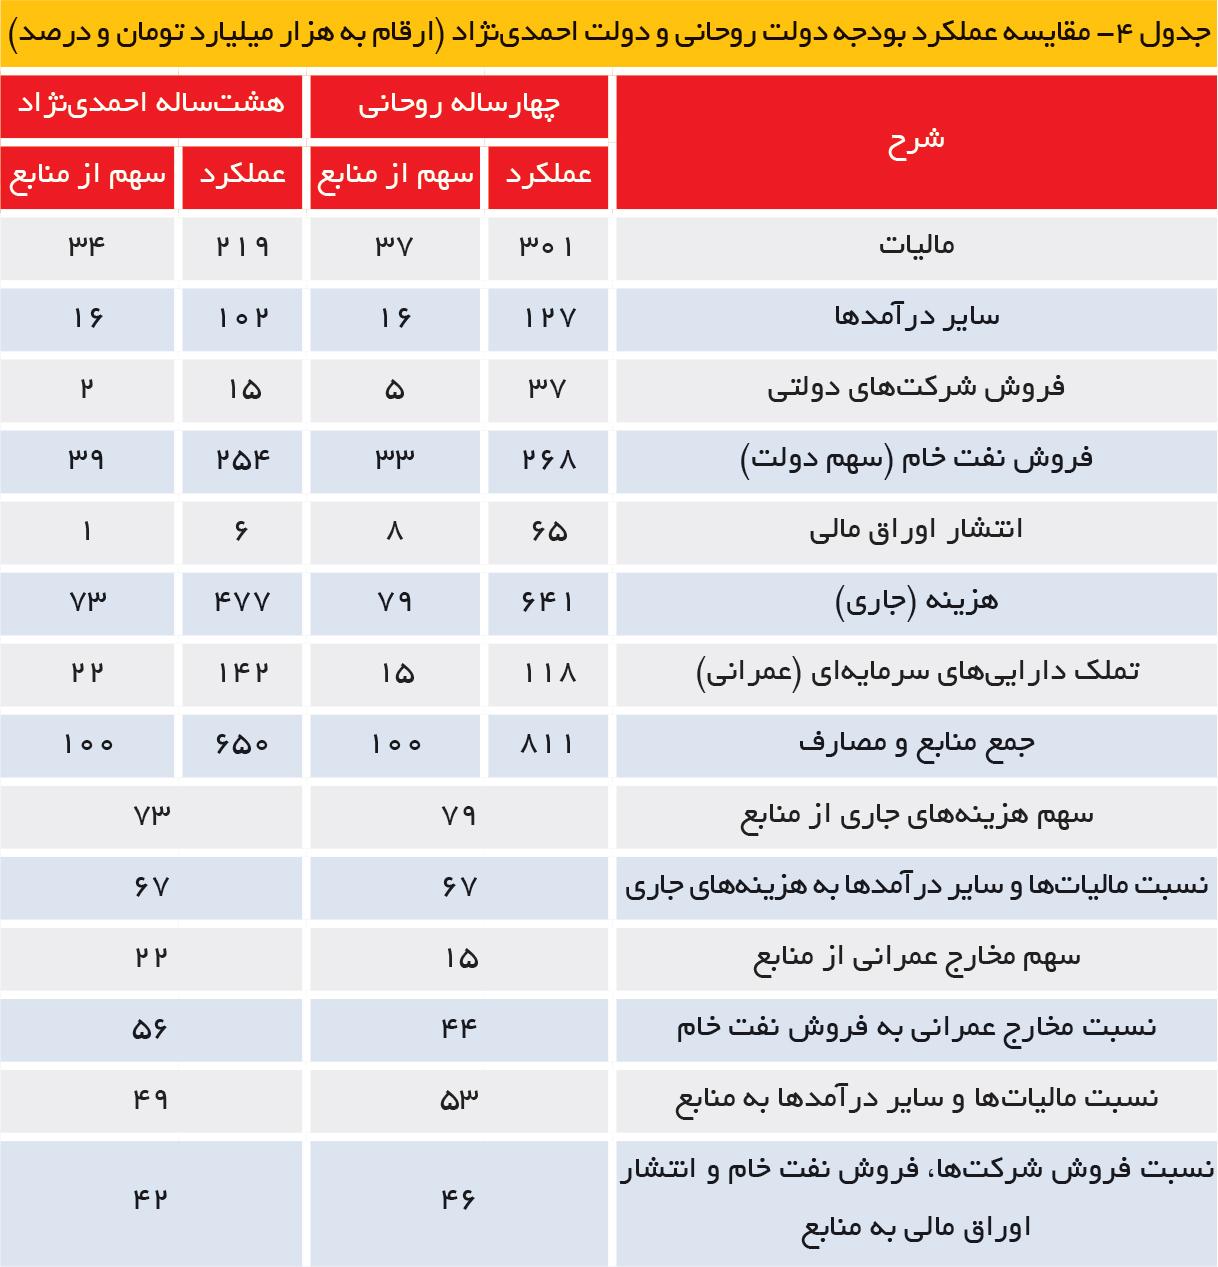 تجارت فردا- مقایسه عملکرد بودجه دولت روحانی و دولت حمدینژاد (ارقام به هزار میلیارد تومان و درصد)